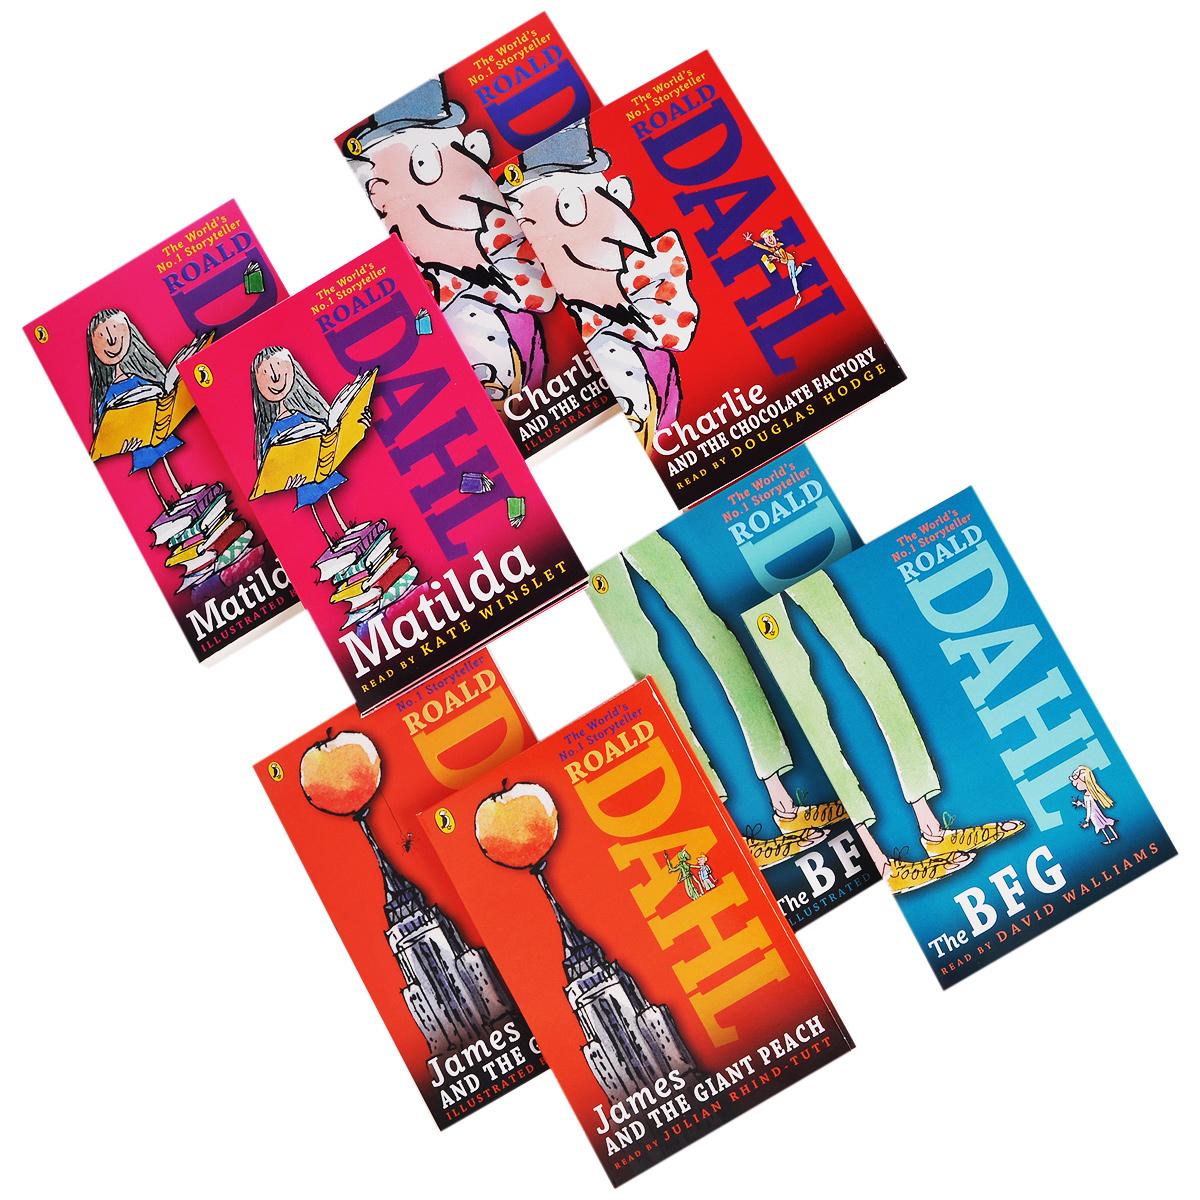 Dahl Book (комплект из 4 книг + 14 CD)